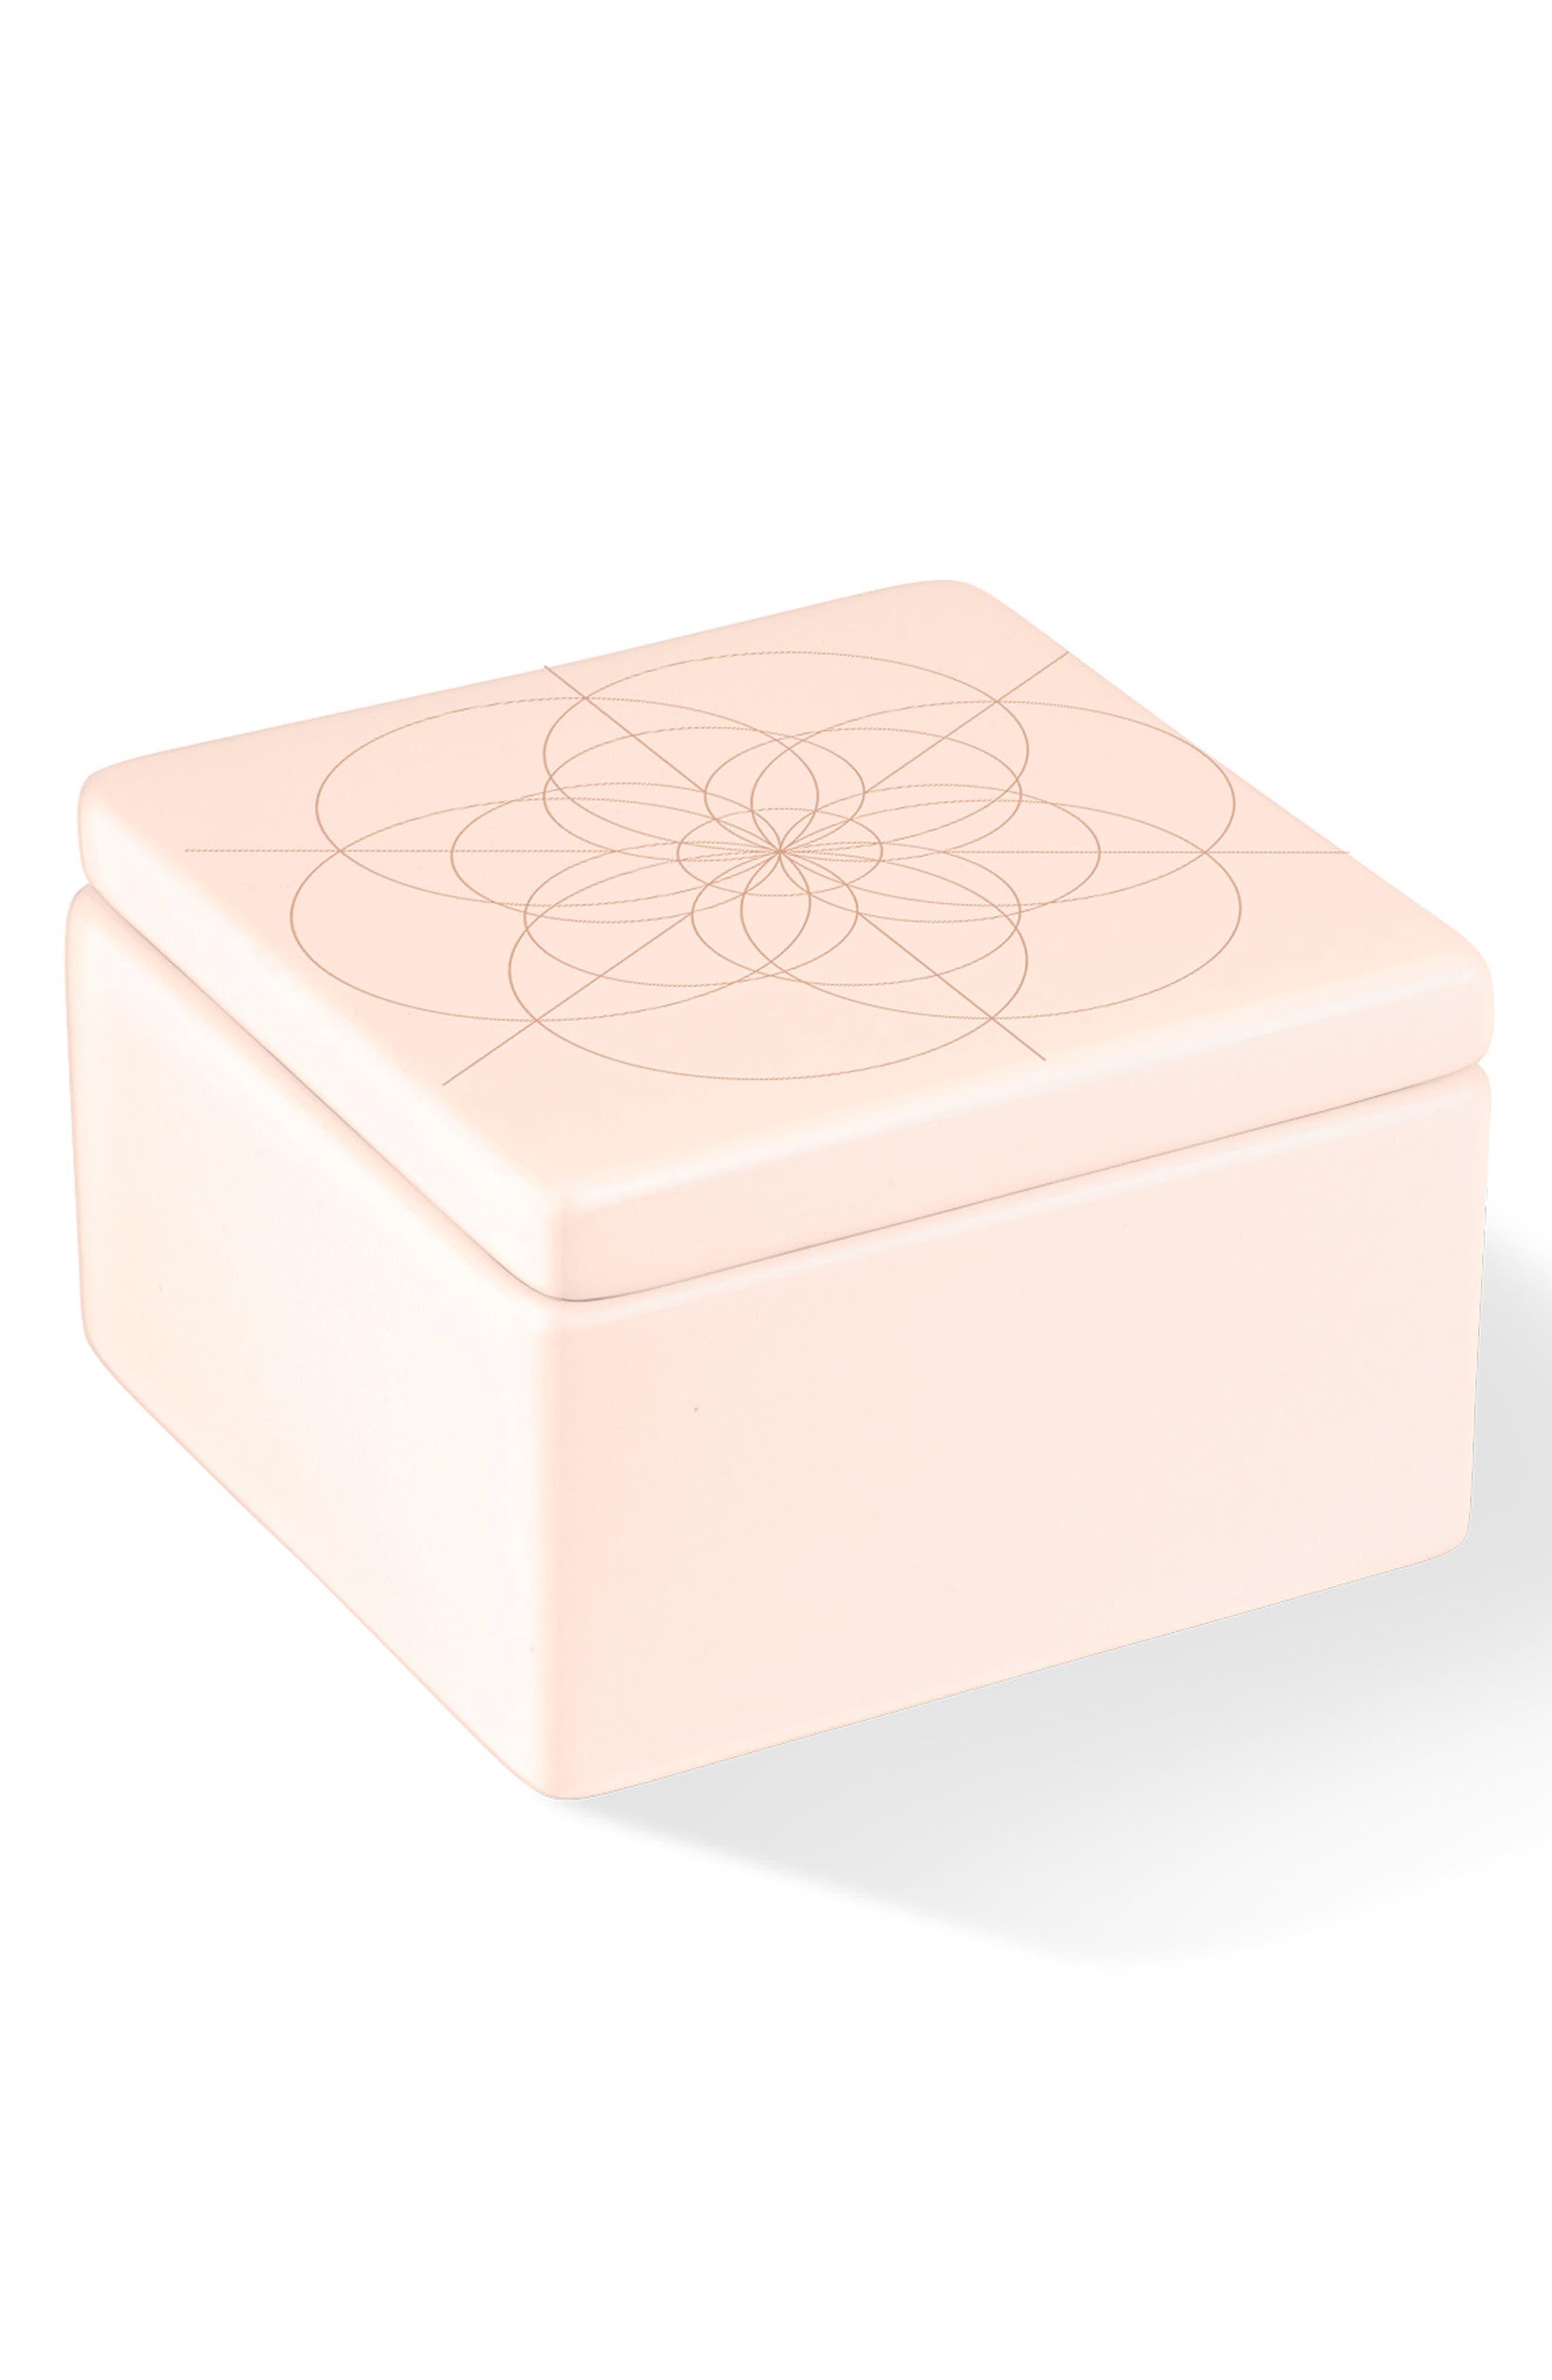 Main Image - Fringe Studio Kaleidoscope Ceramic Box